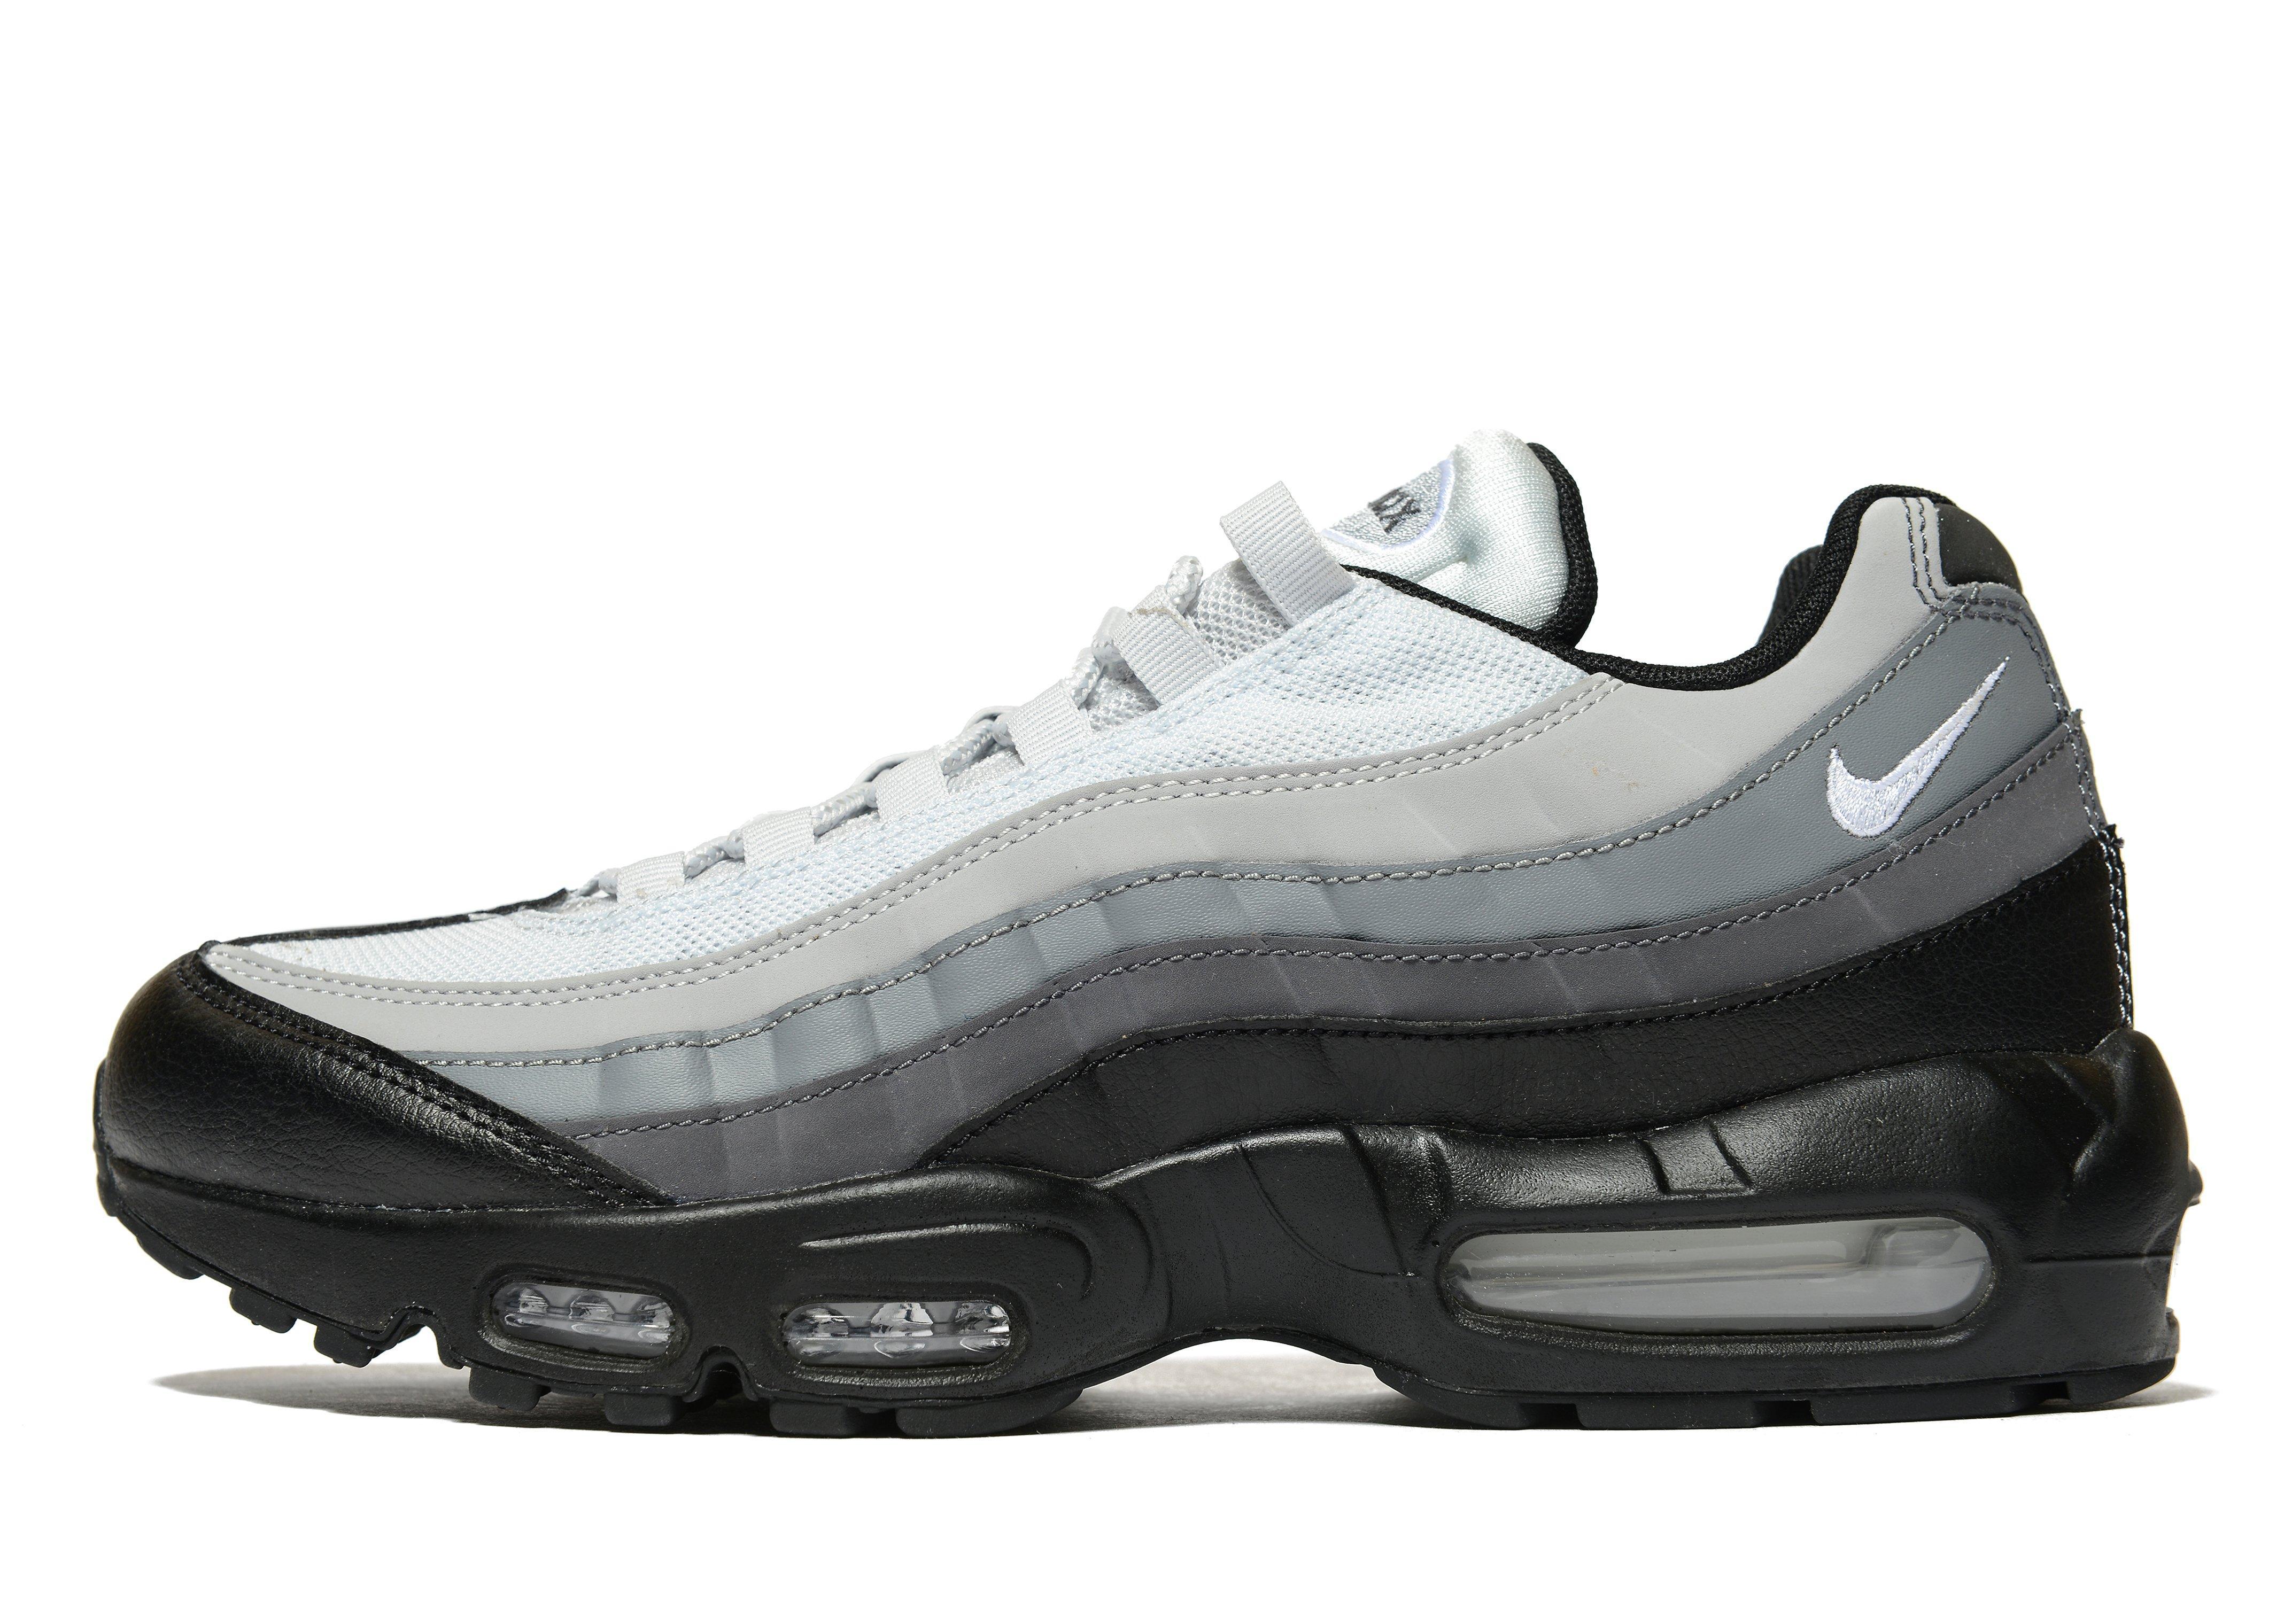 Nike Air Max 95 Description